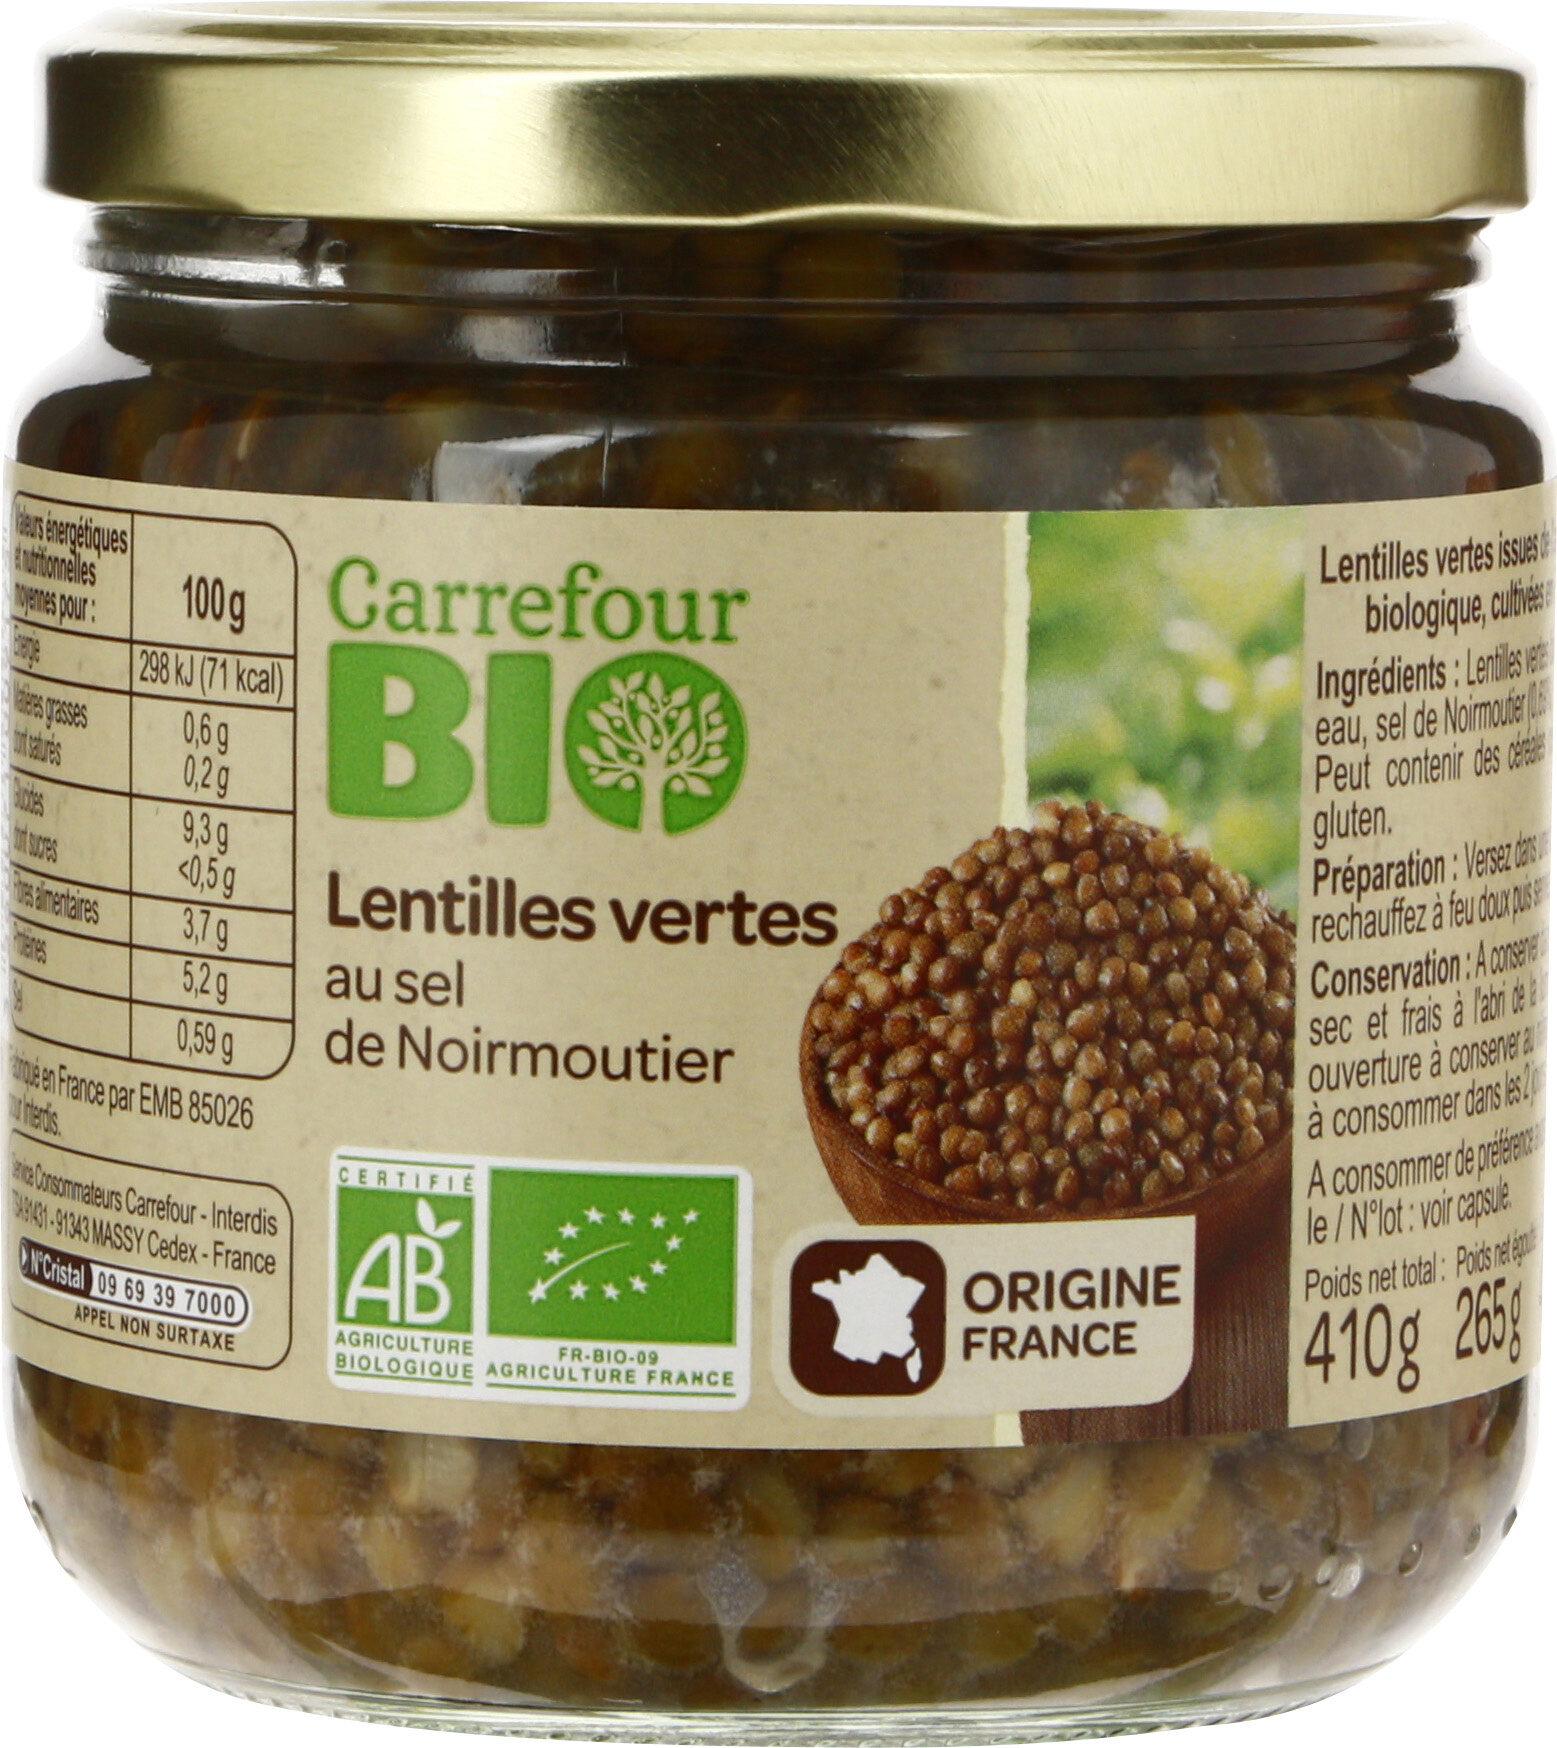 Lentilles vertes au sel de Noirmoutier - Produit - fr